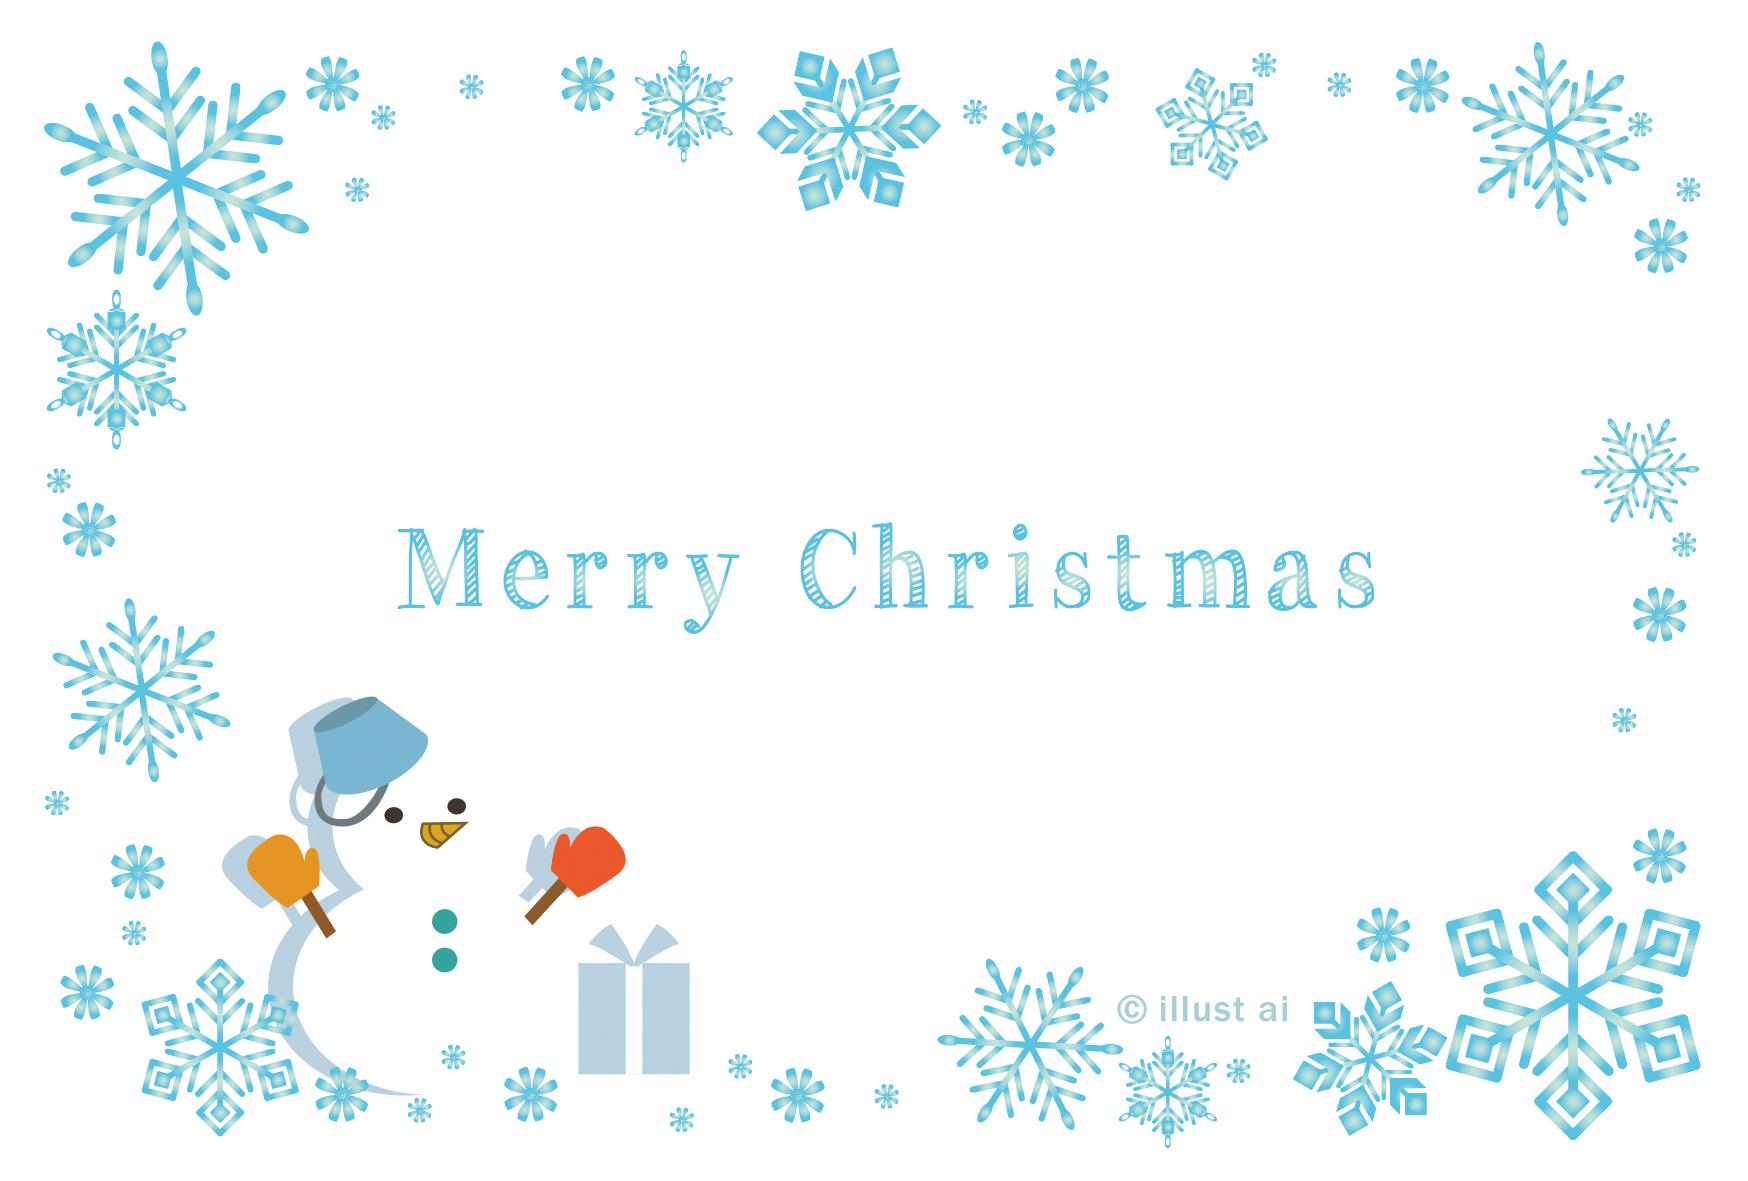 雪の結晶フレーム 雪だるま クリスマスカードテンプレート ポストカード イラスト素材サイト イラストareira Postcard Template